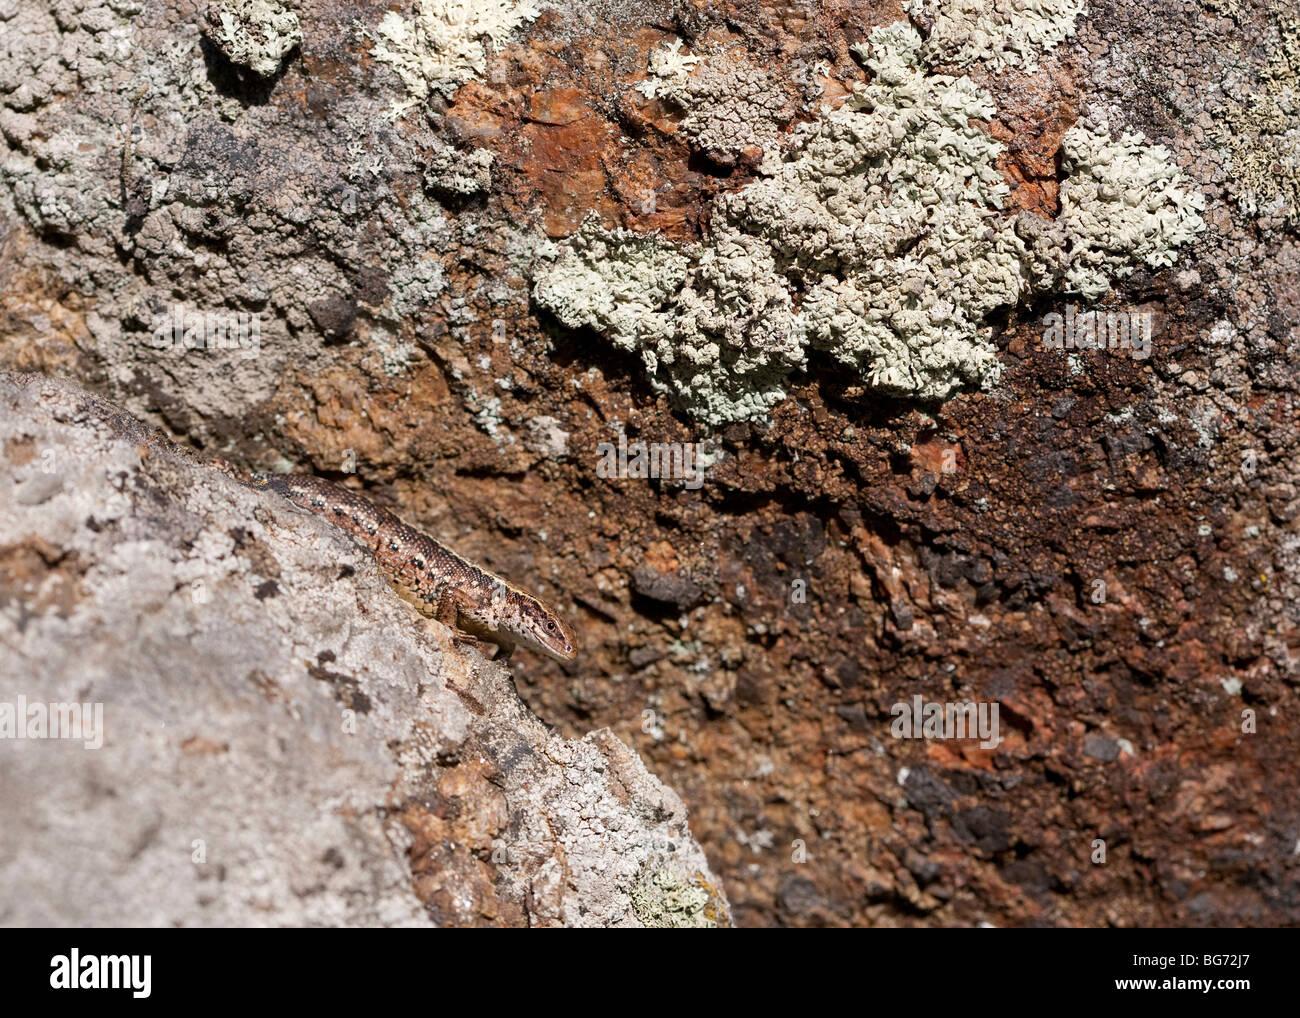 Viviparous Eidechse ( zootoca vivipara oder Lacerta vivipara ) versteckt auf Steinbruch , Finnland Stockfoto